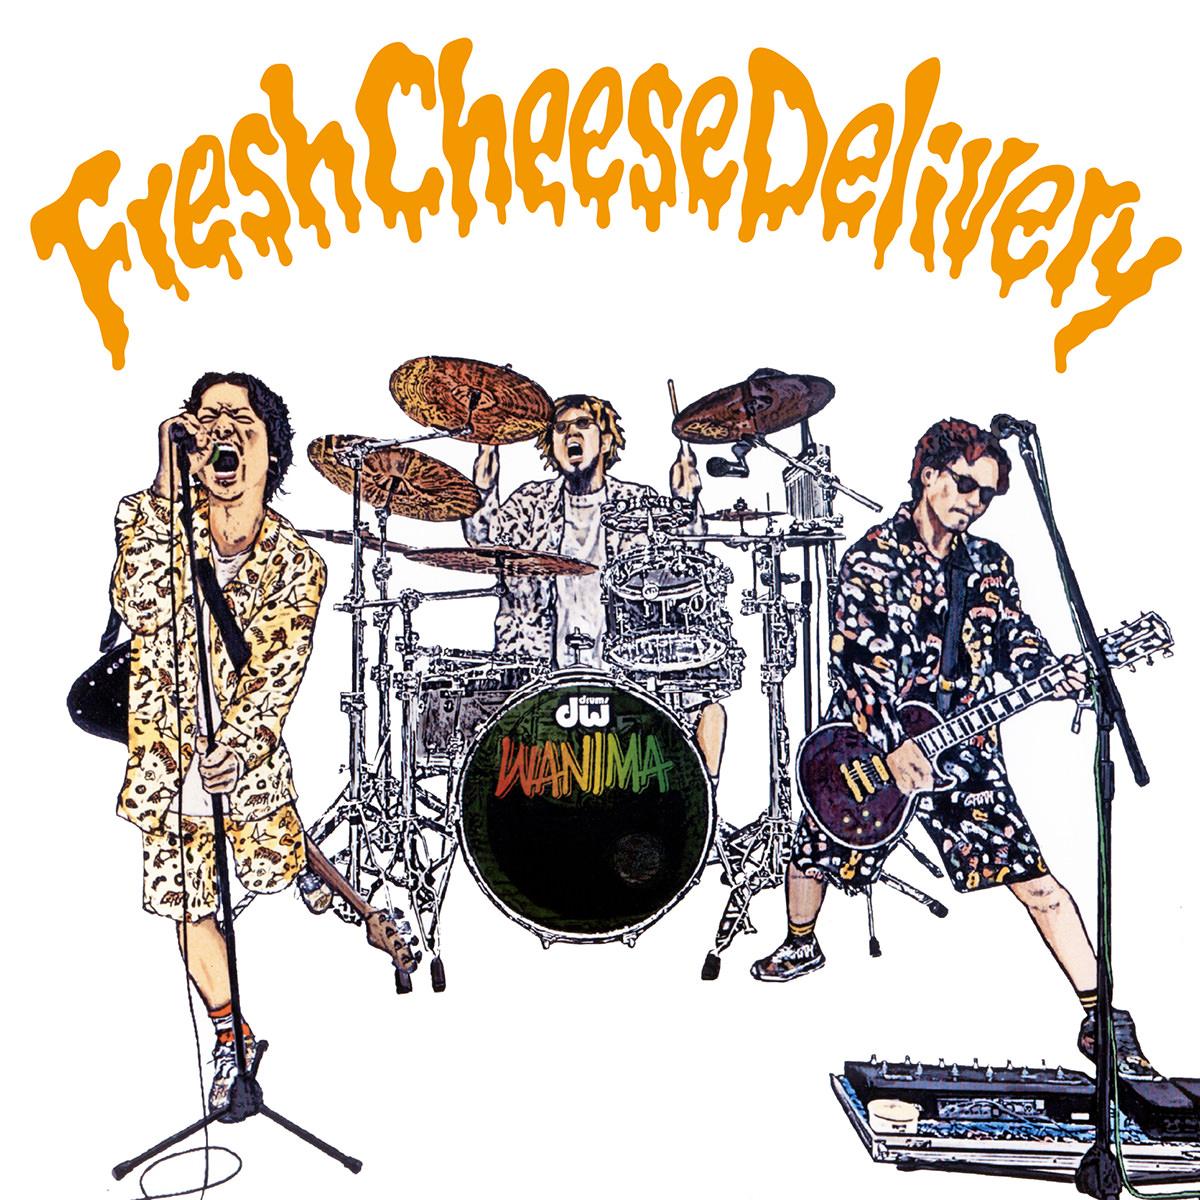 WANIMA サブスク限定アルバム「Fresh Cheese Delivery」ジャケット画像